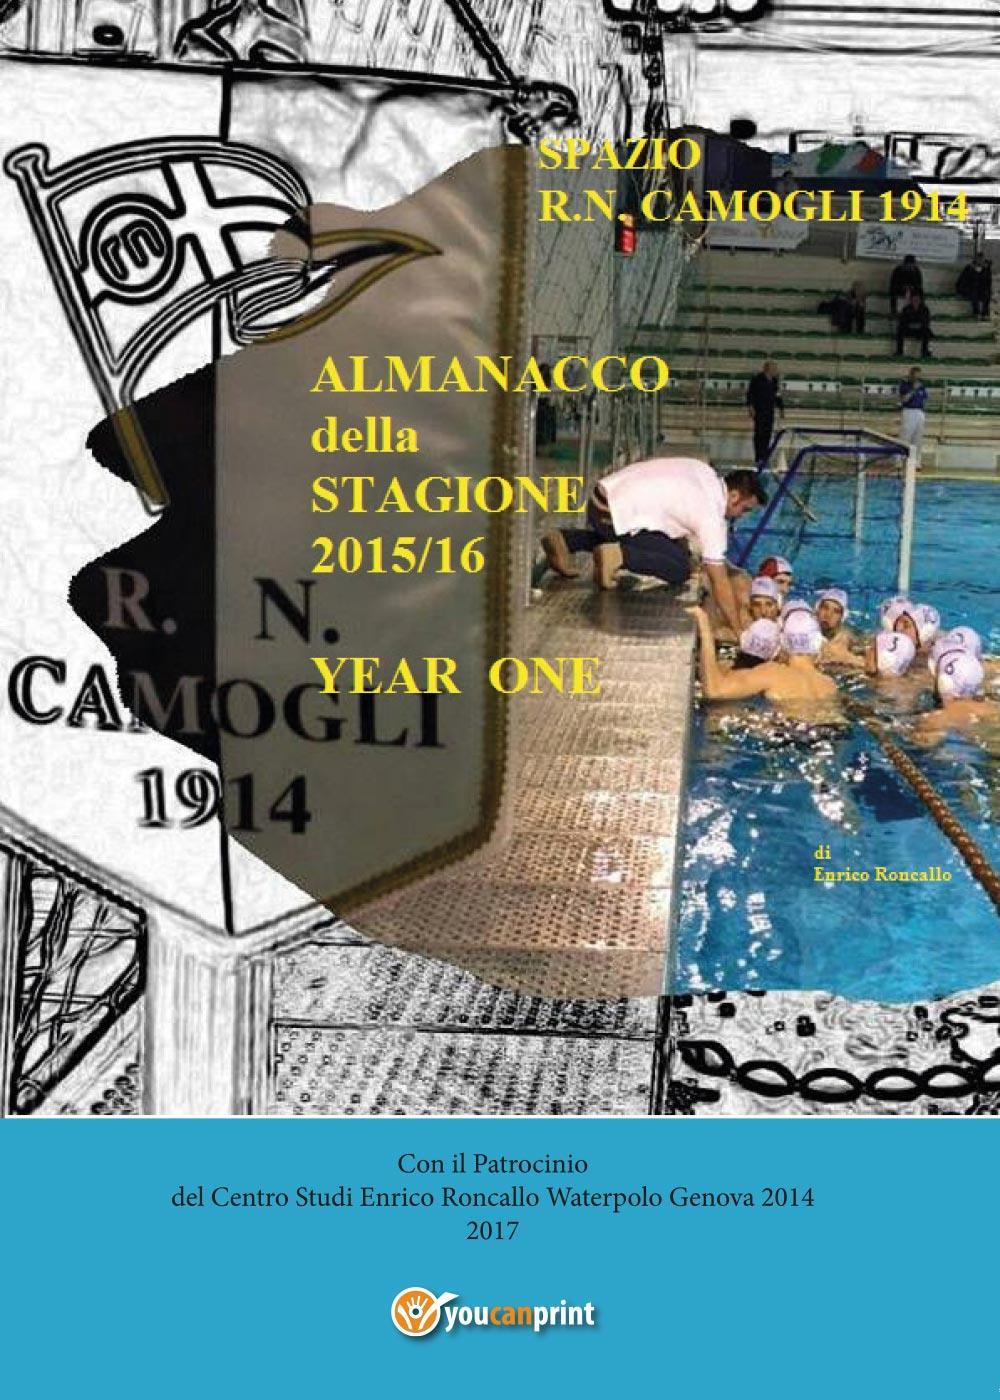 """Almanacco annuale """"Spazio R.N. Camogli 1914"""" 2016"""